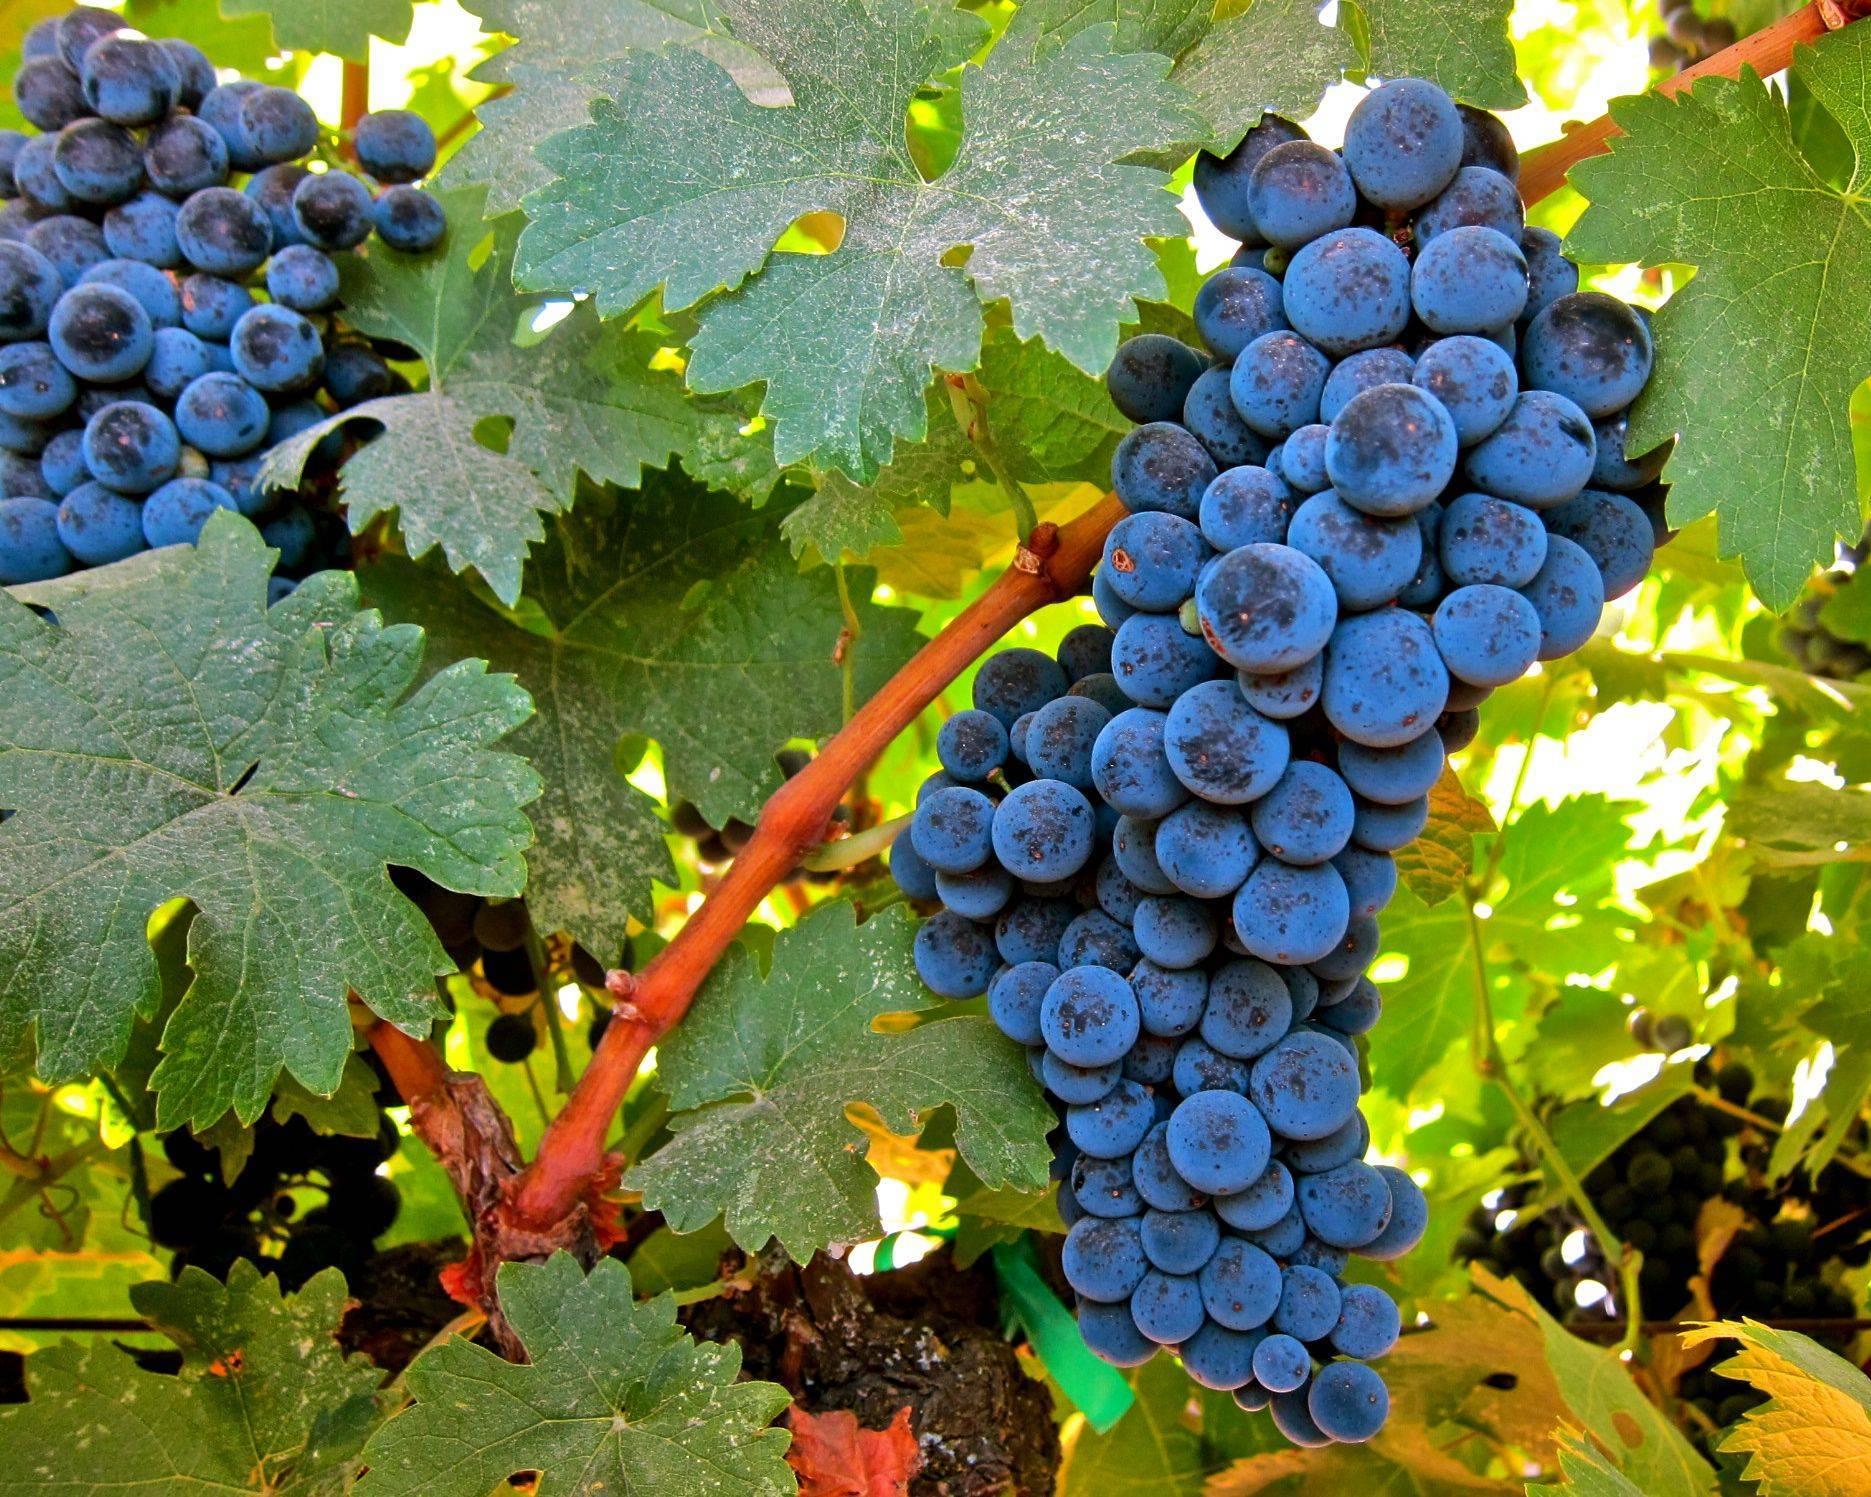 Виноград розмус: описание сорта и характеристики, правила посадки и ухода